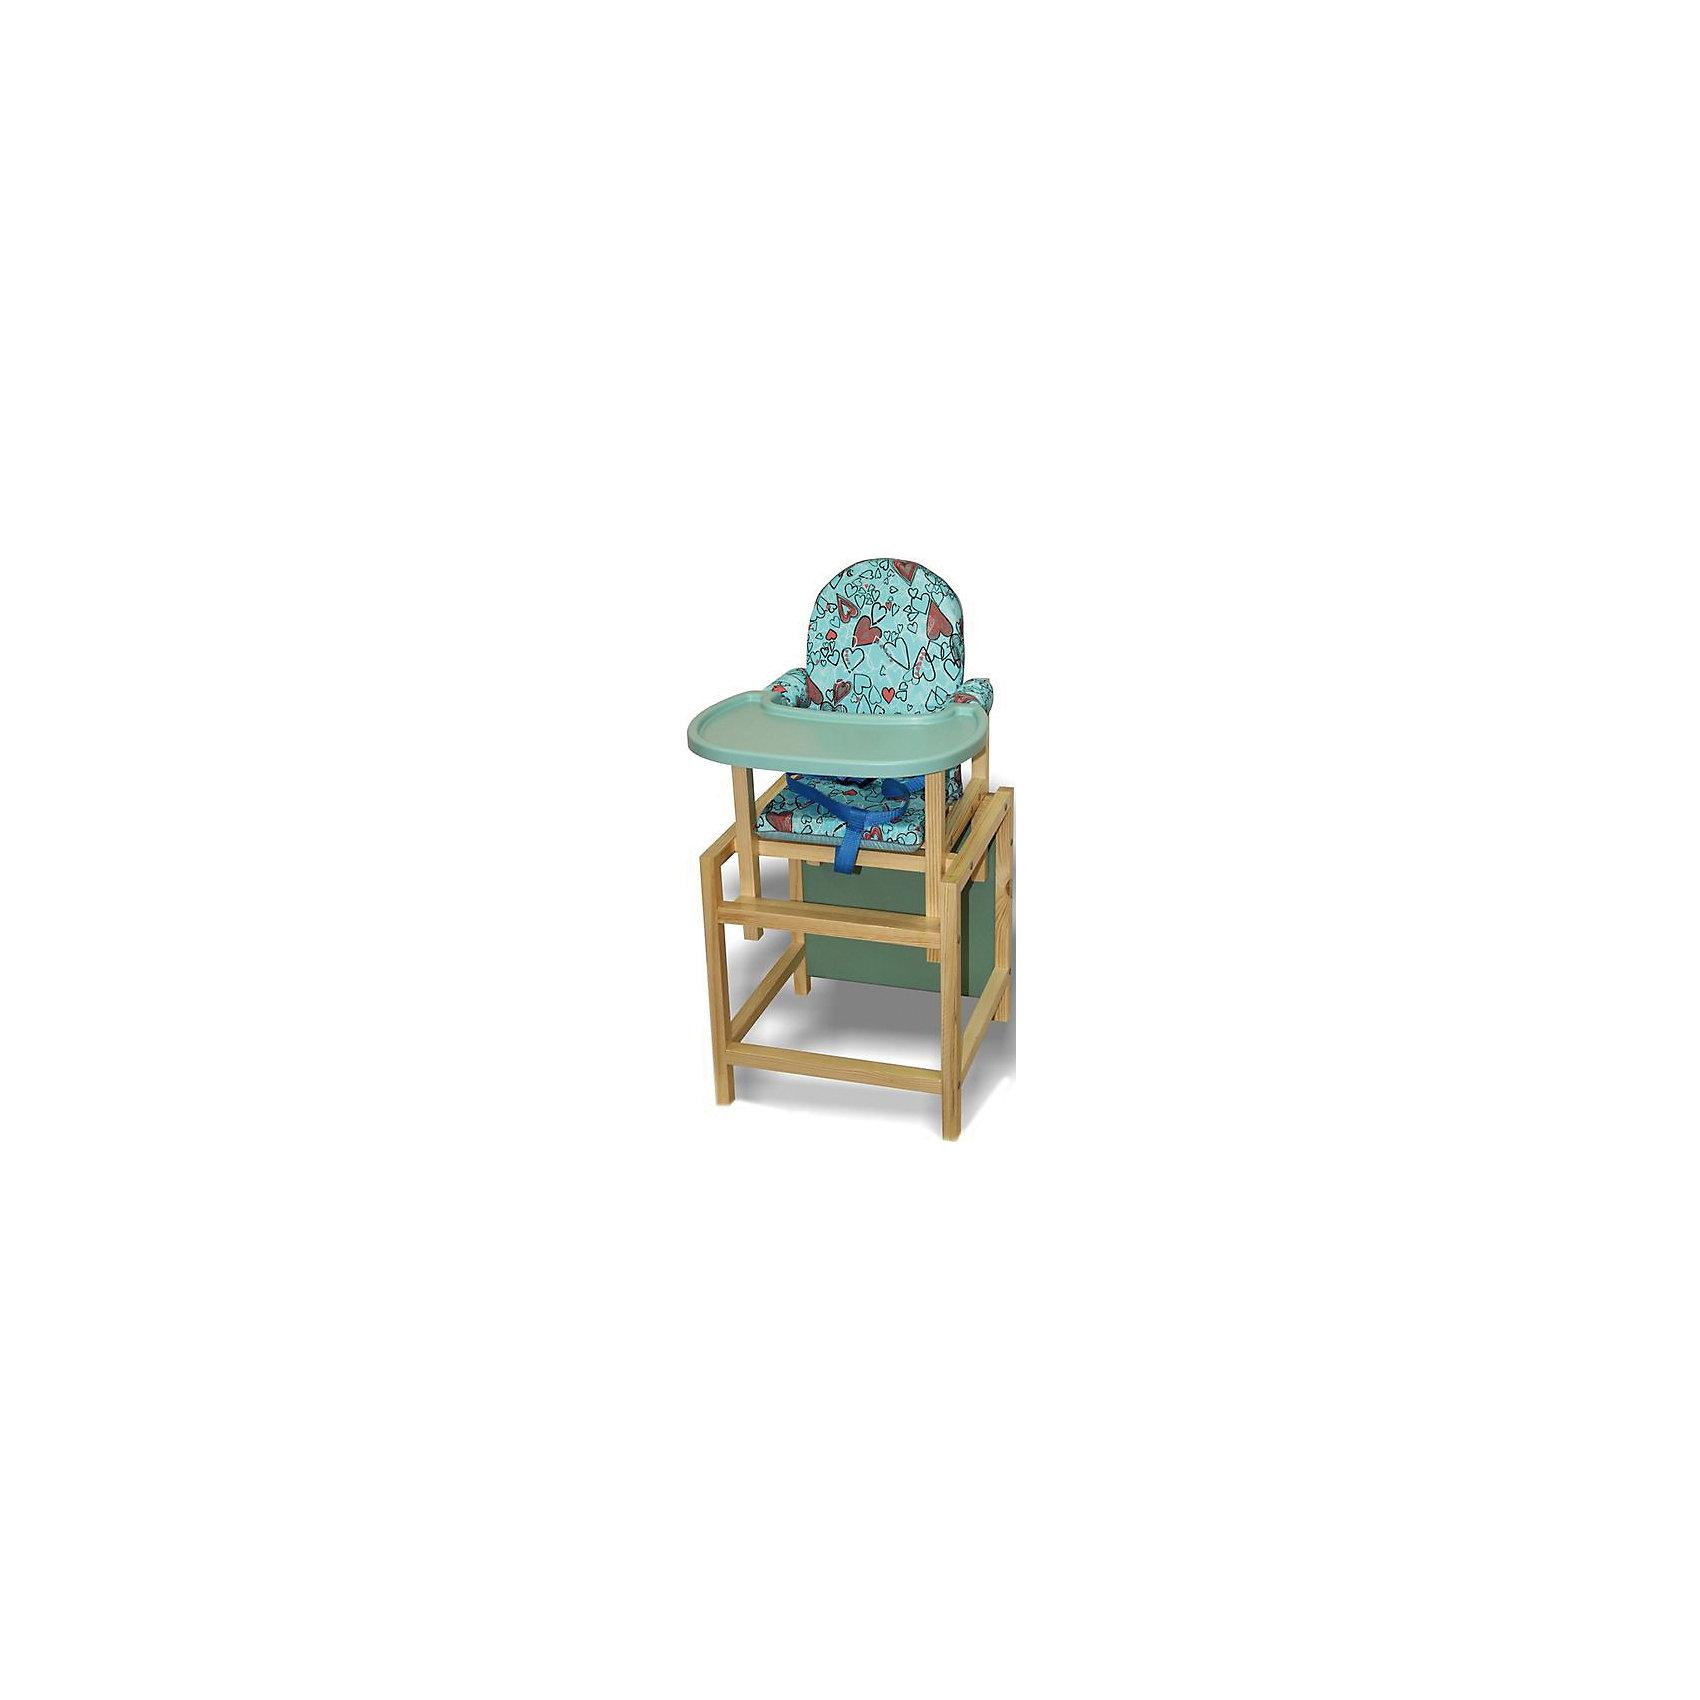 Вилт Стульчик-трансформер СТД 07, Вилт, бирюзовый вилт малыш синий стд0308